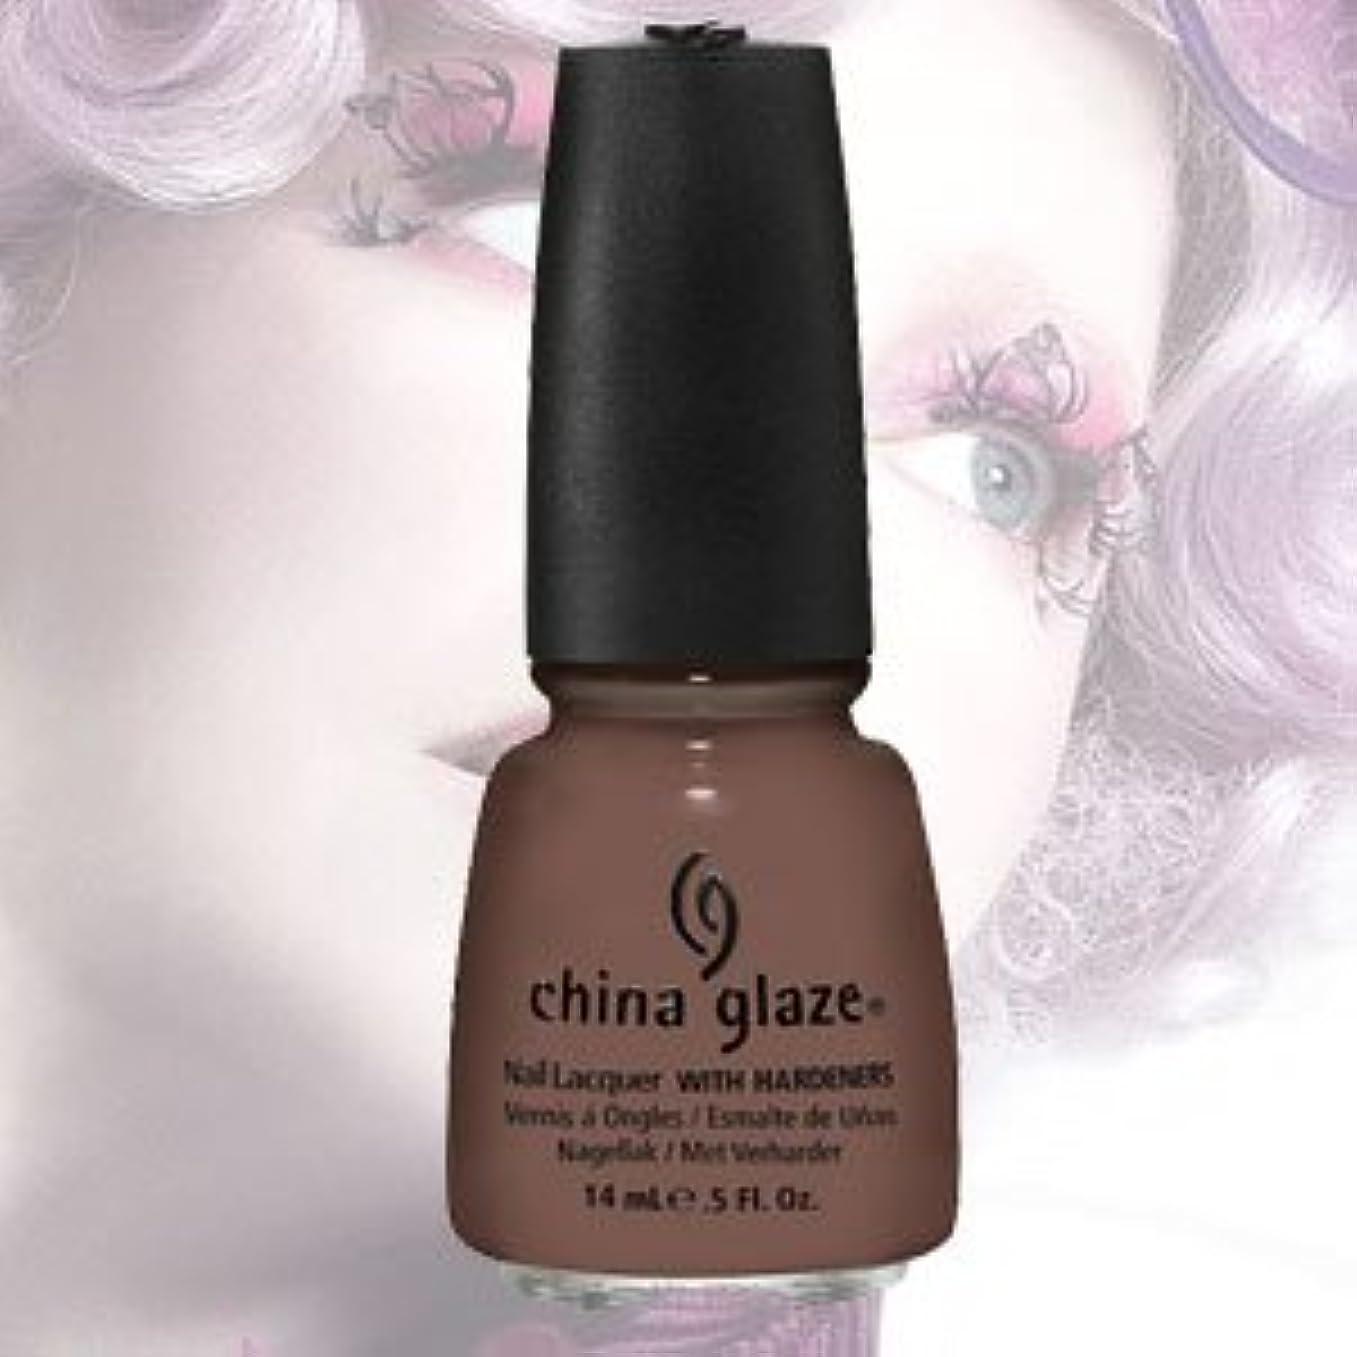 アンペア食べるフェザー(チャイナグレイズ)China Glaze Foie GrasーCAPITOL COLOURS コレクション [海外直送品][並行輸入品]